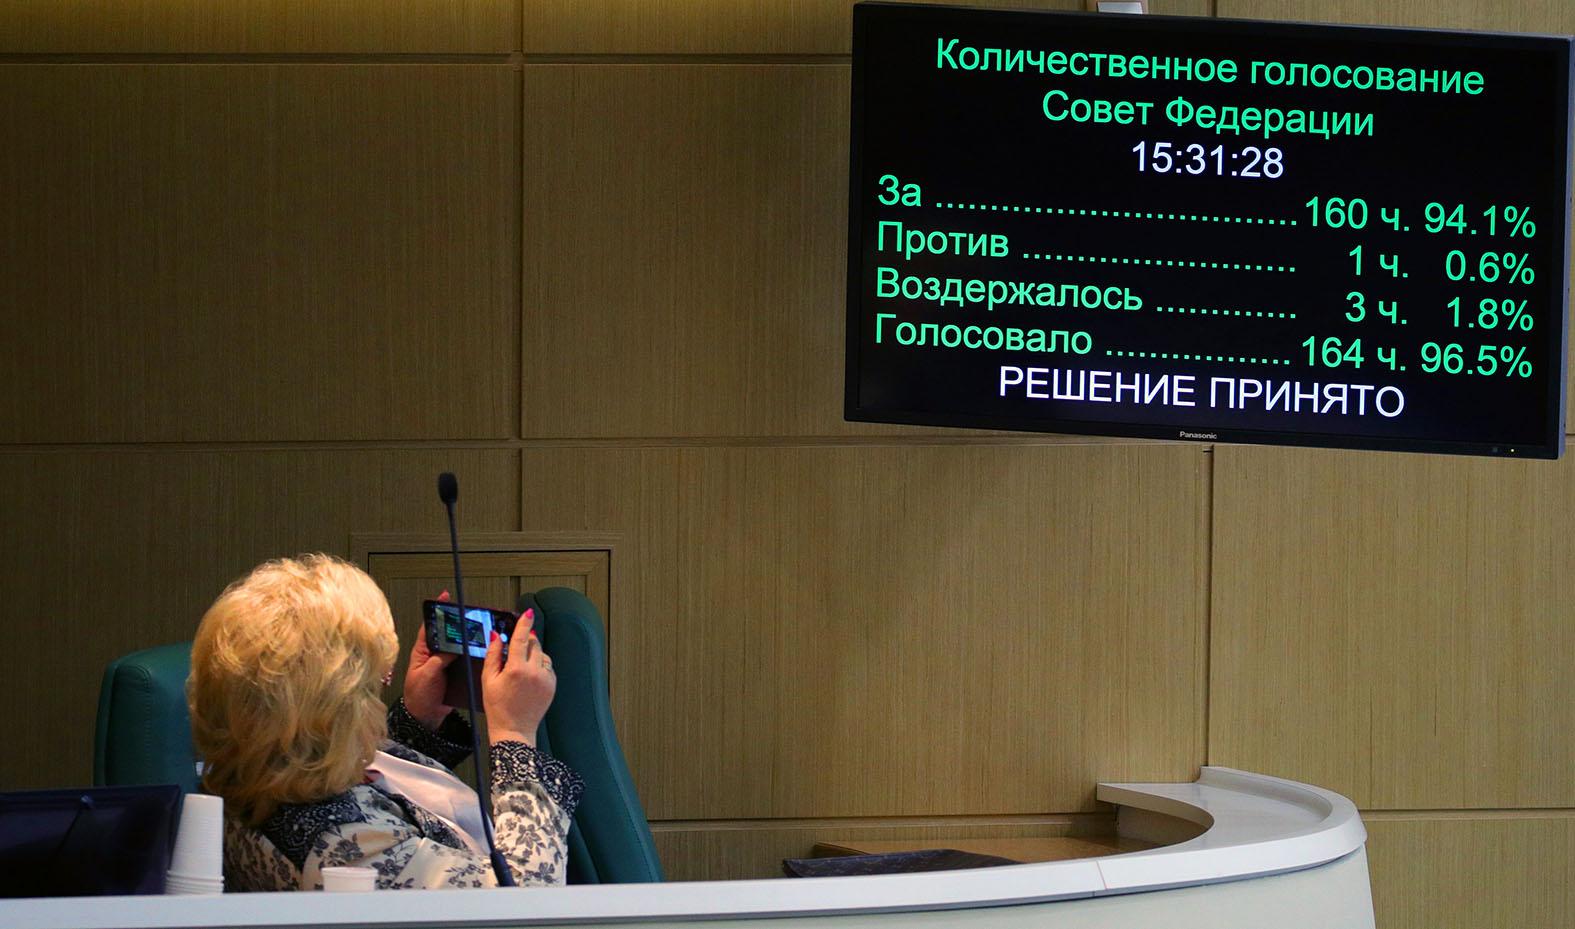 После Путина: Подковёрная война за Госсовет начинается россия